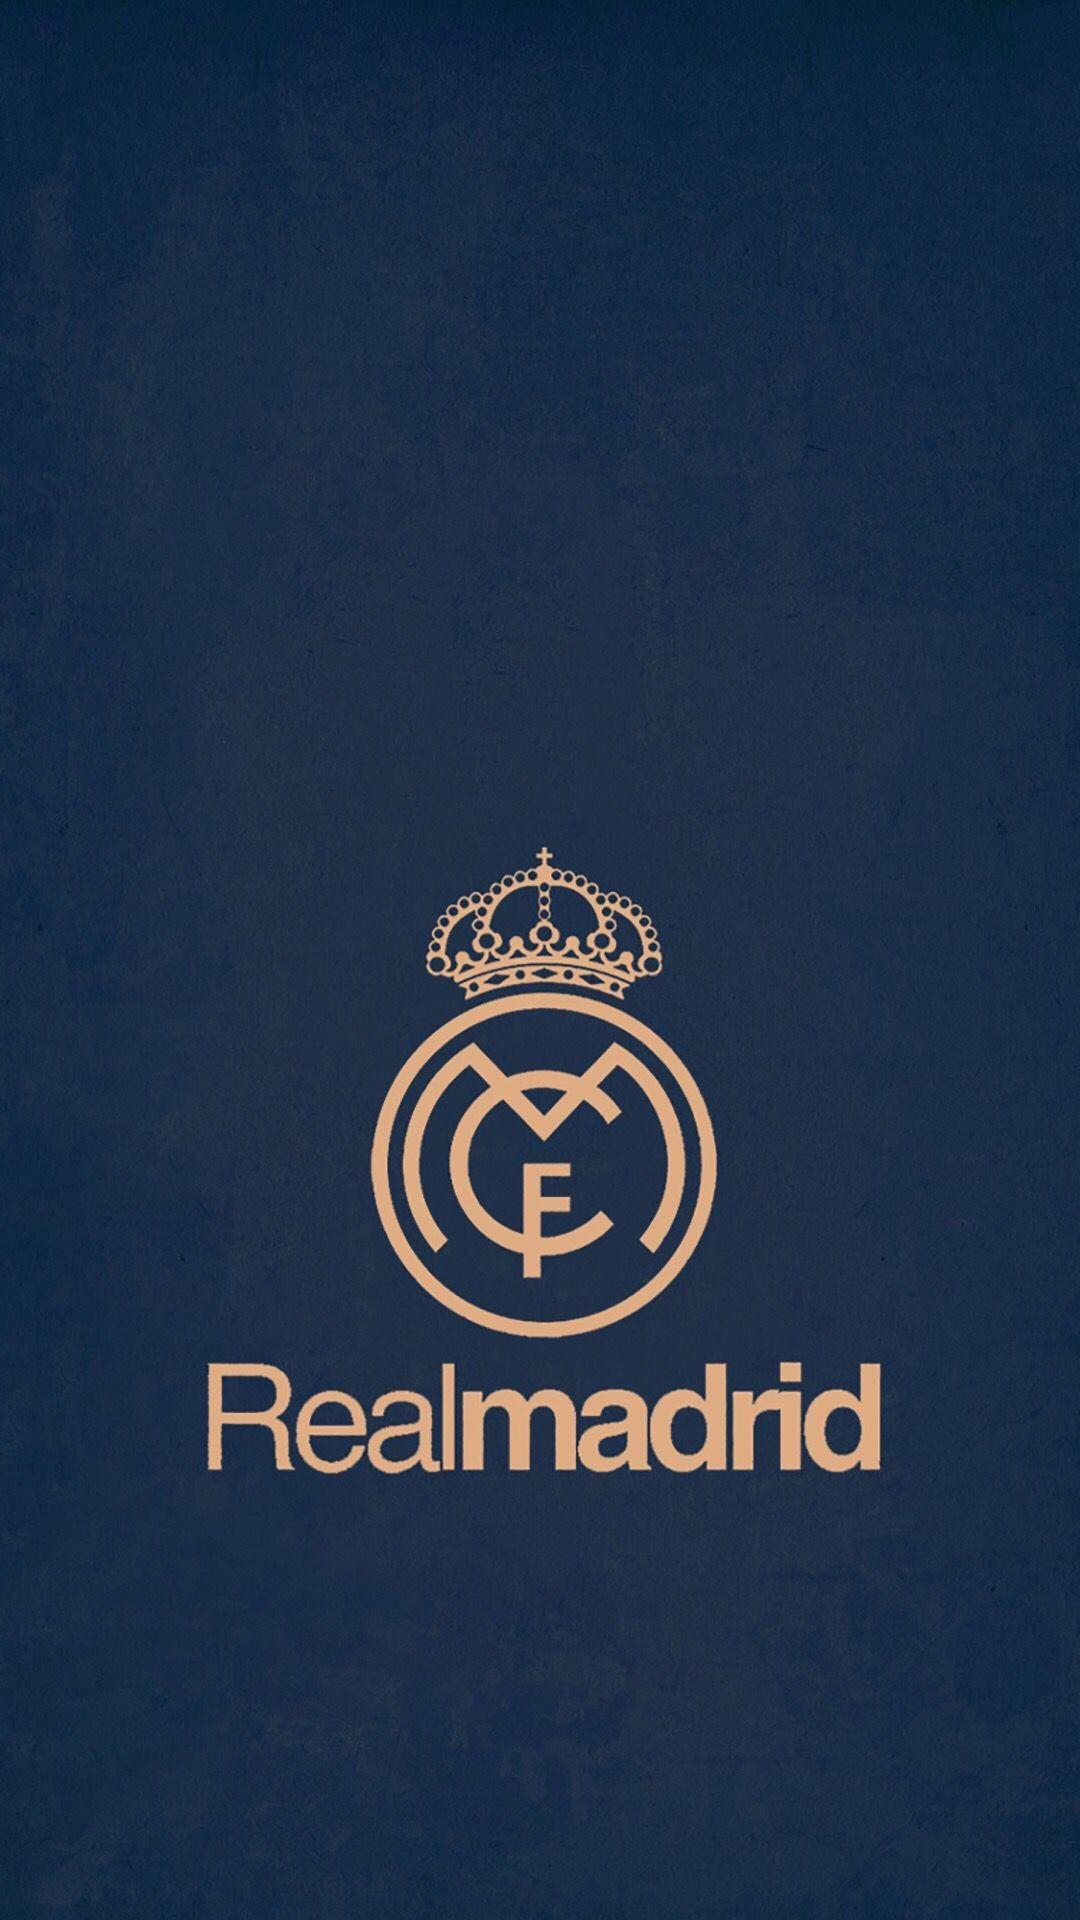 New Real Madrid Background Di 2020 Bola Kaki Pemain Sepak Bola Gambar Sepak Bola